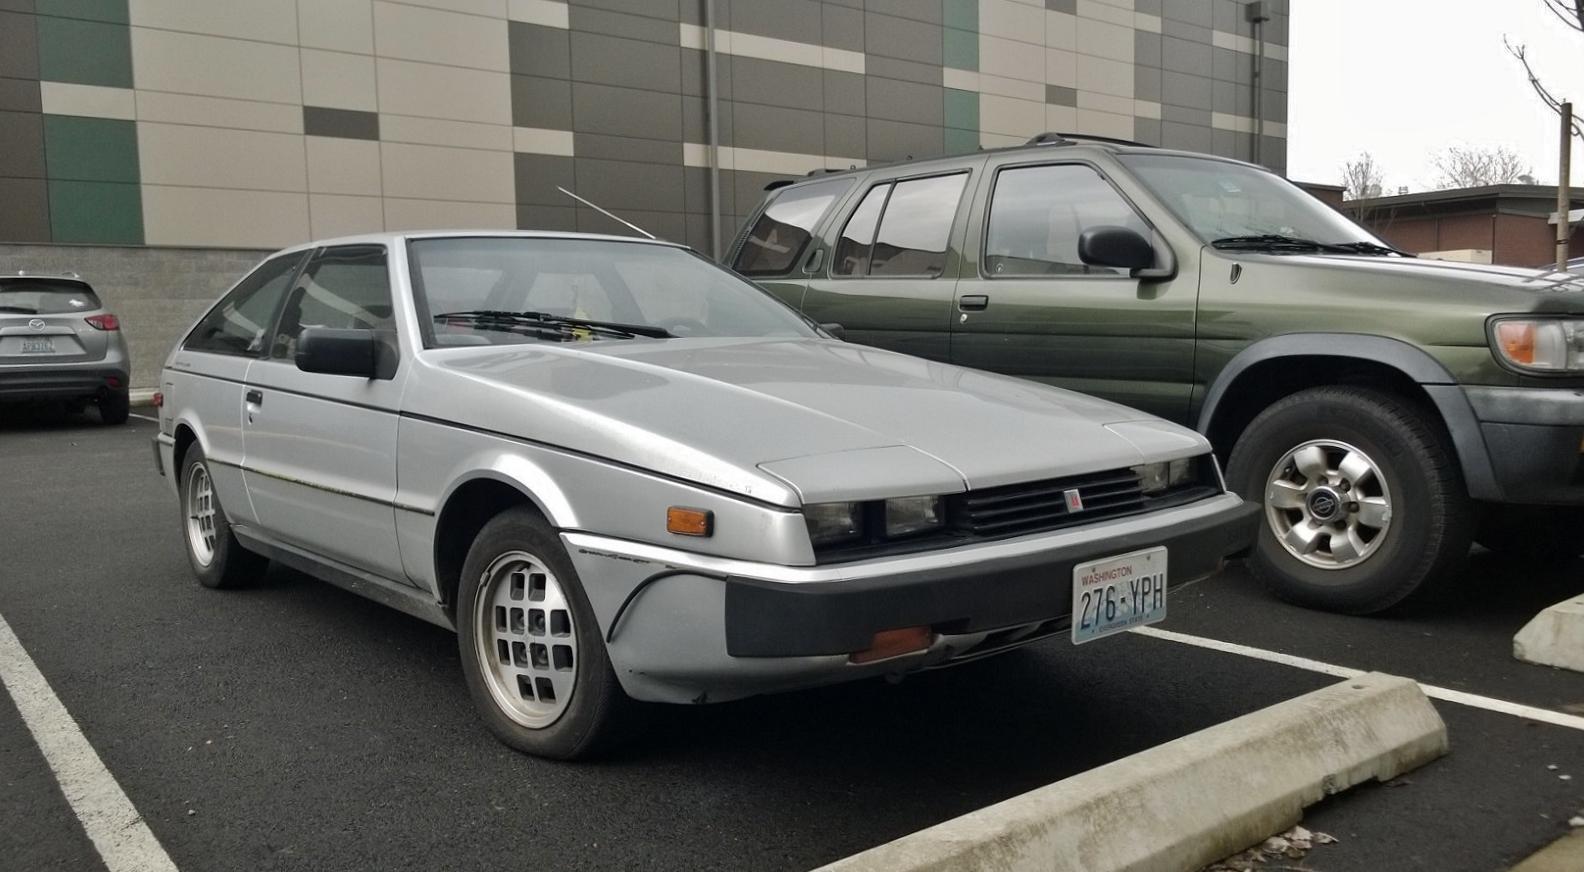 Seattles Parked Cars 1984 Isuzu Impulse